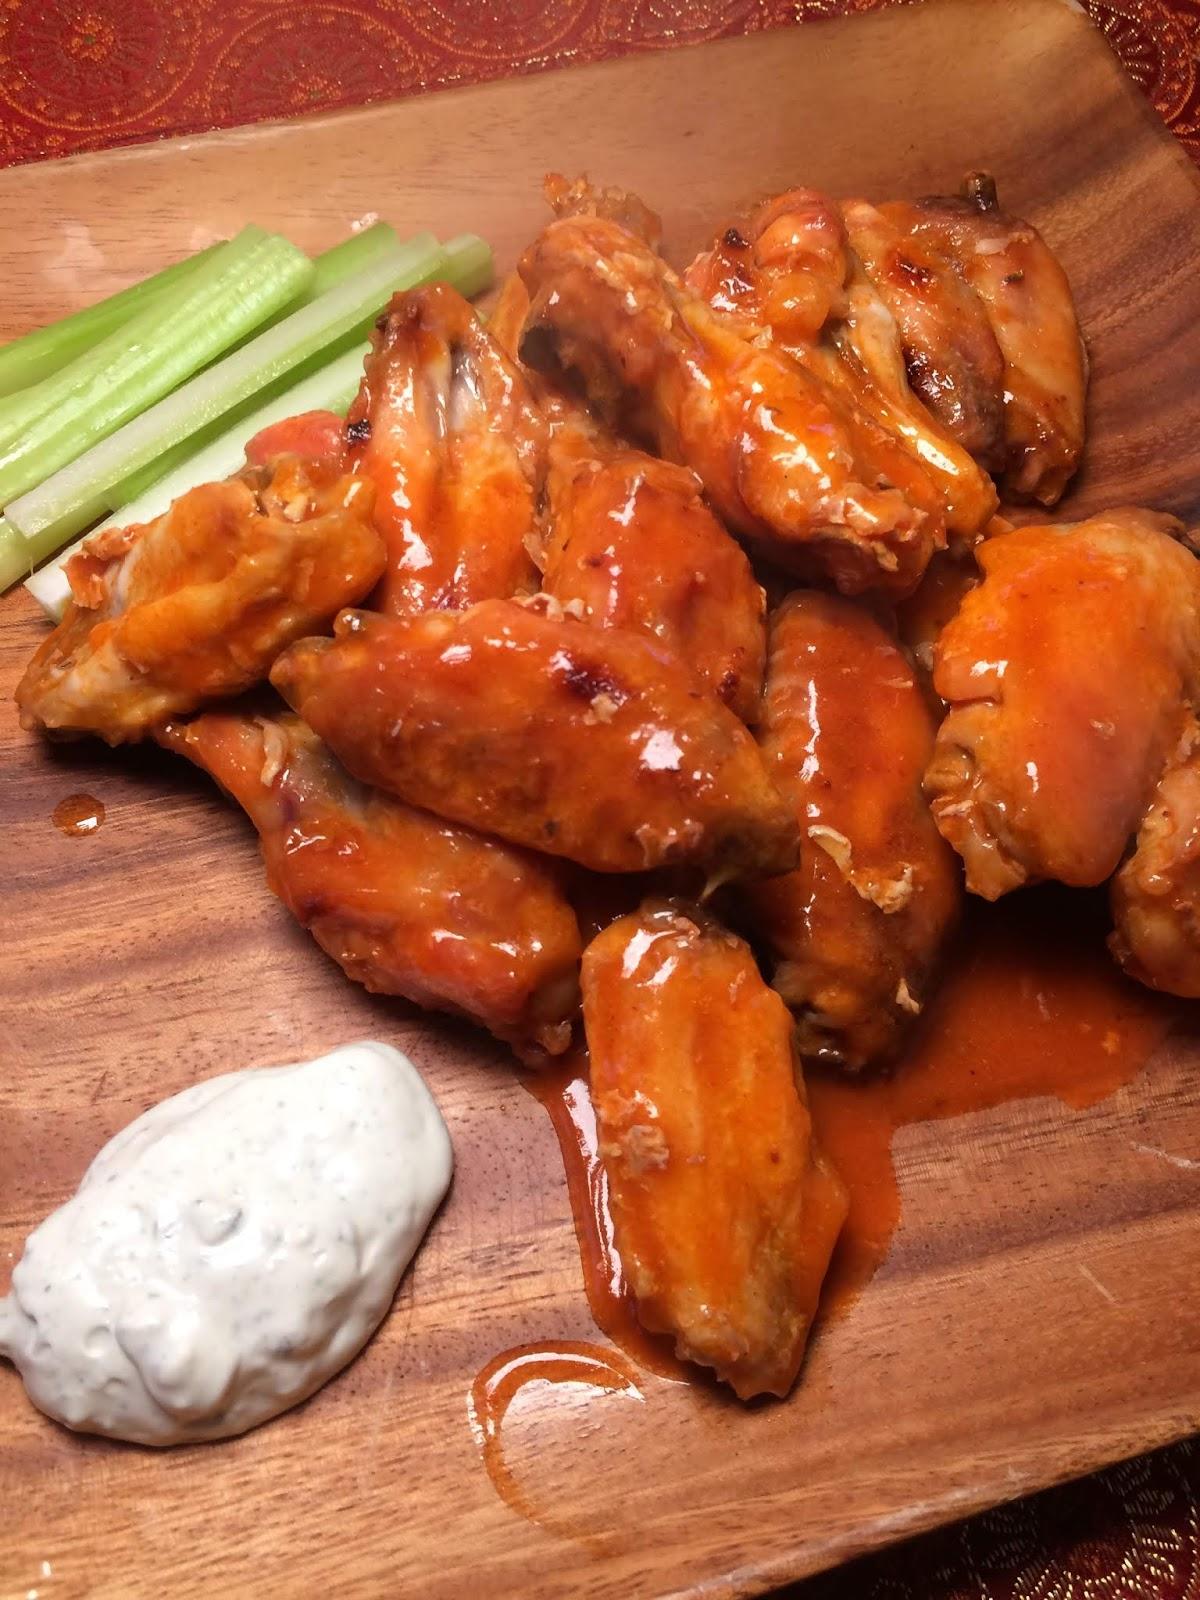 Minxeats Recipes Recaps And Restaurant Reviews Hot